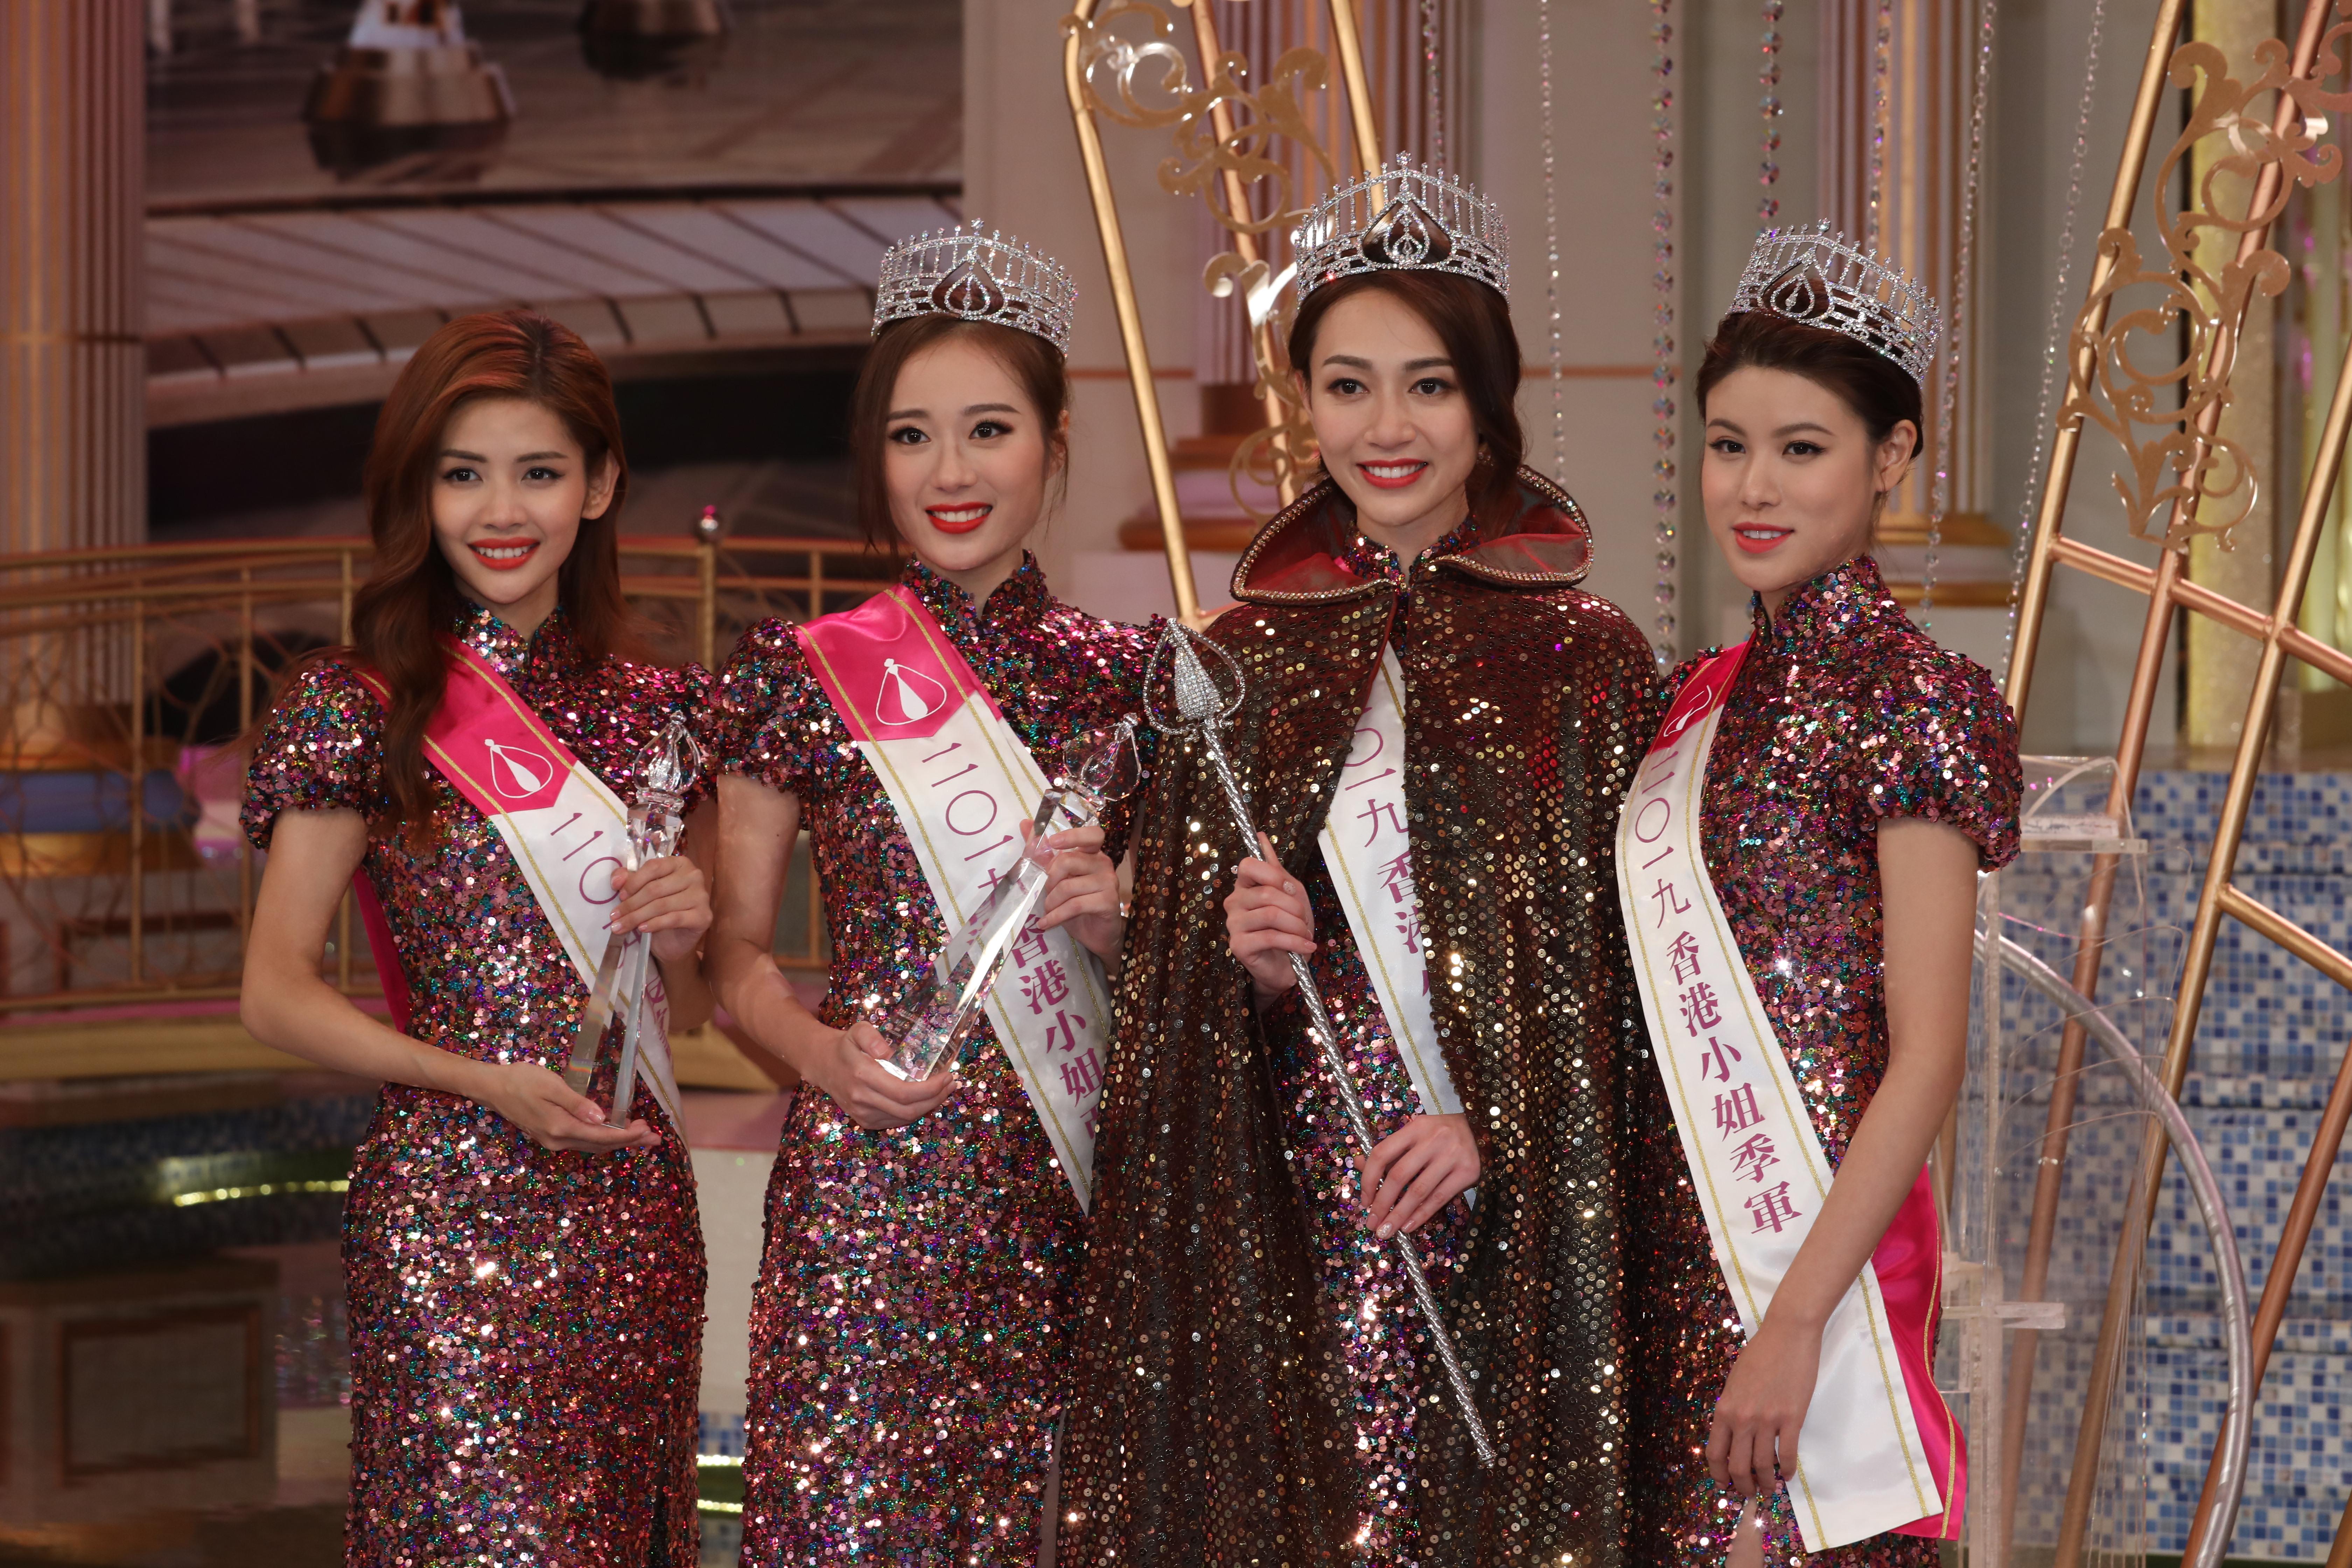 友誼小姐陳熙蕊、亞軍王菲、冠軍黃嘉雯及季軍古佩玲等成為新一屆香港小姐。